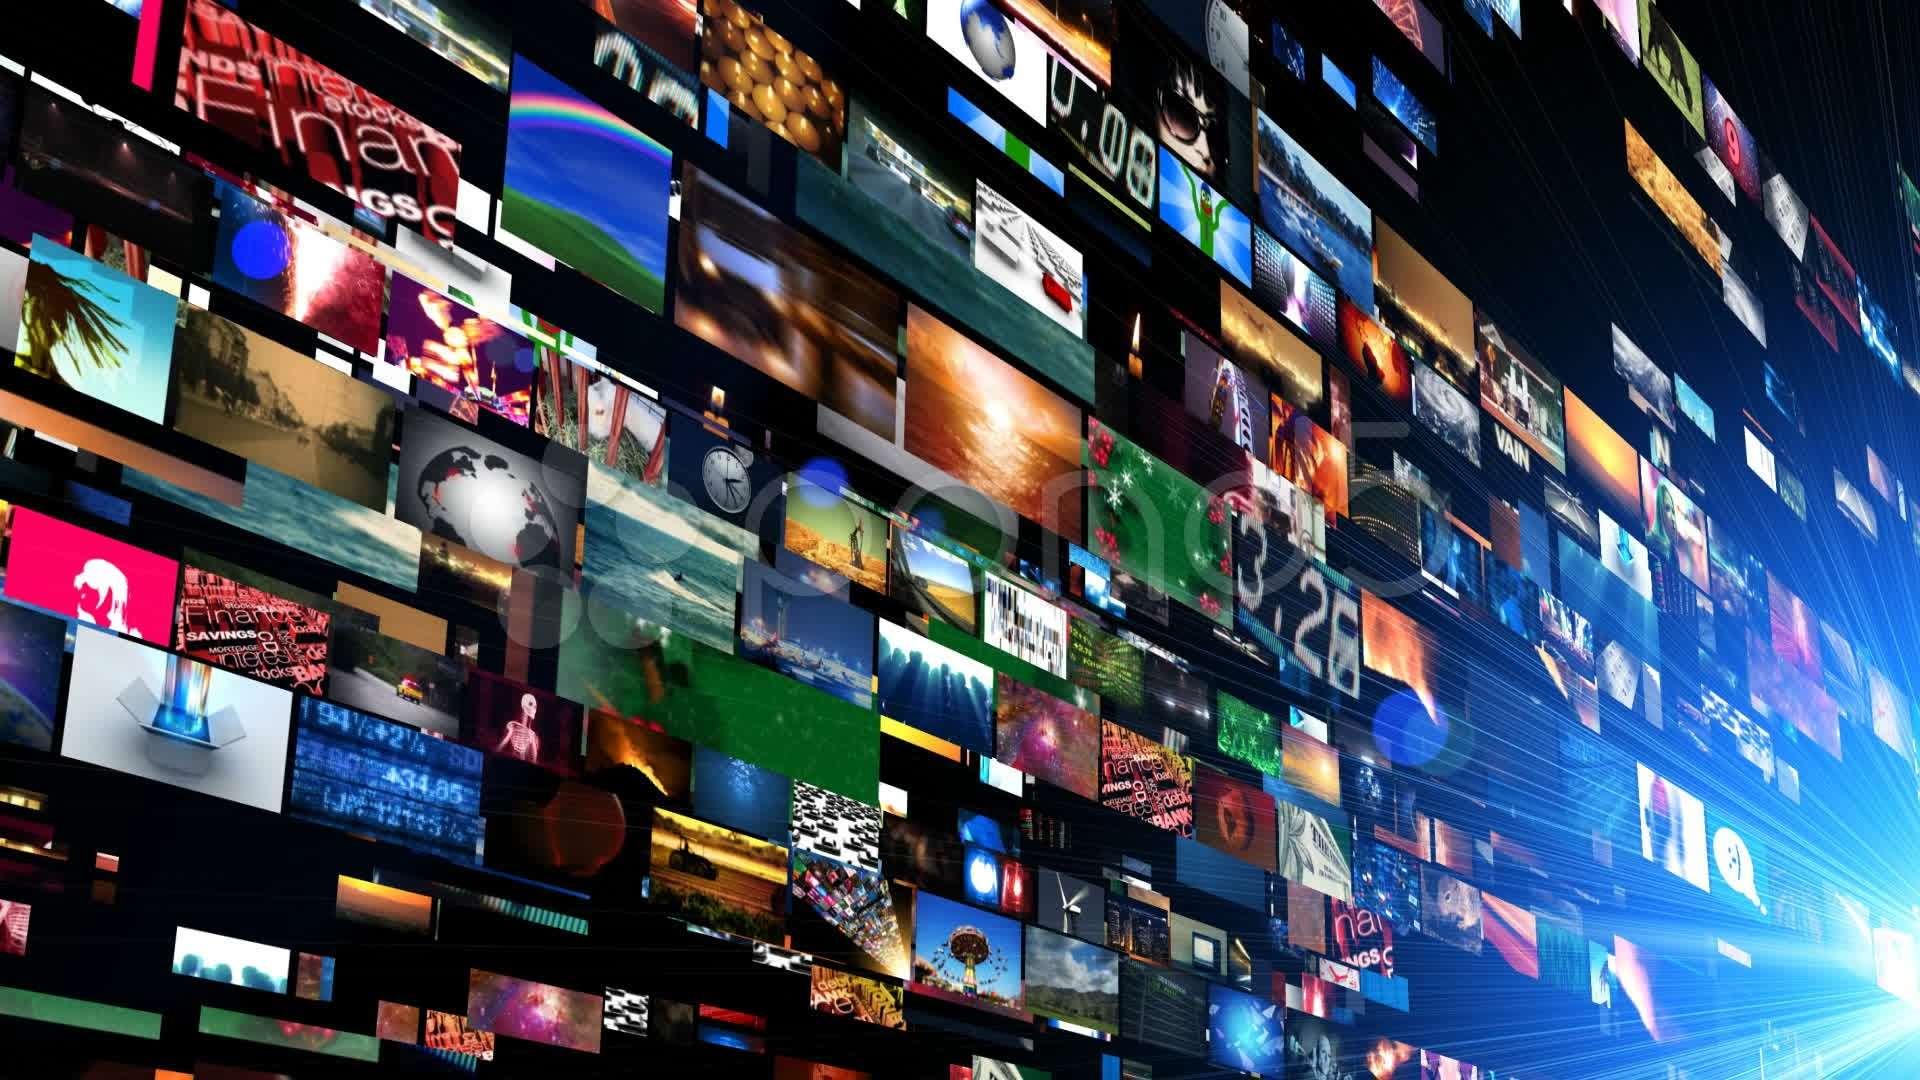 Migliori siti streaming 2017: l'elenco dei servizi più affidabili e completi